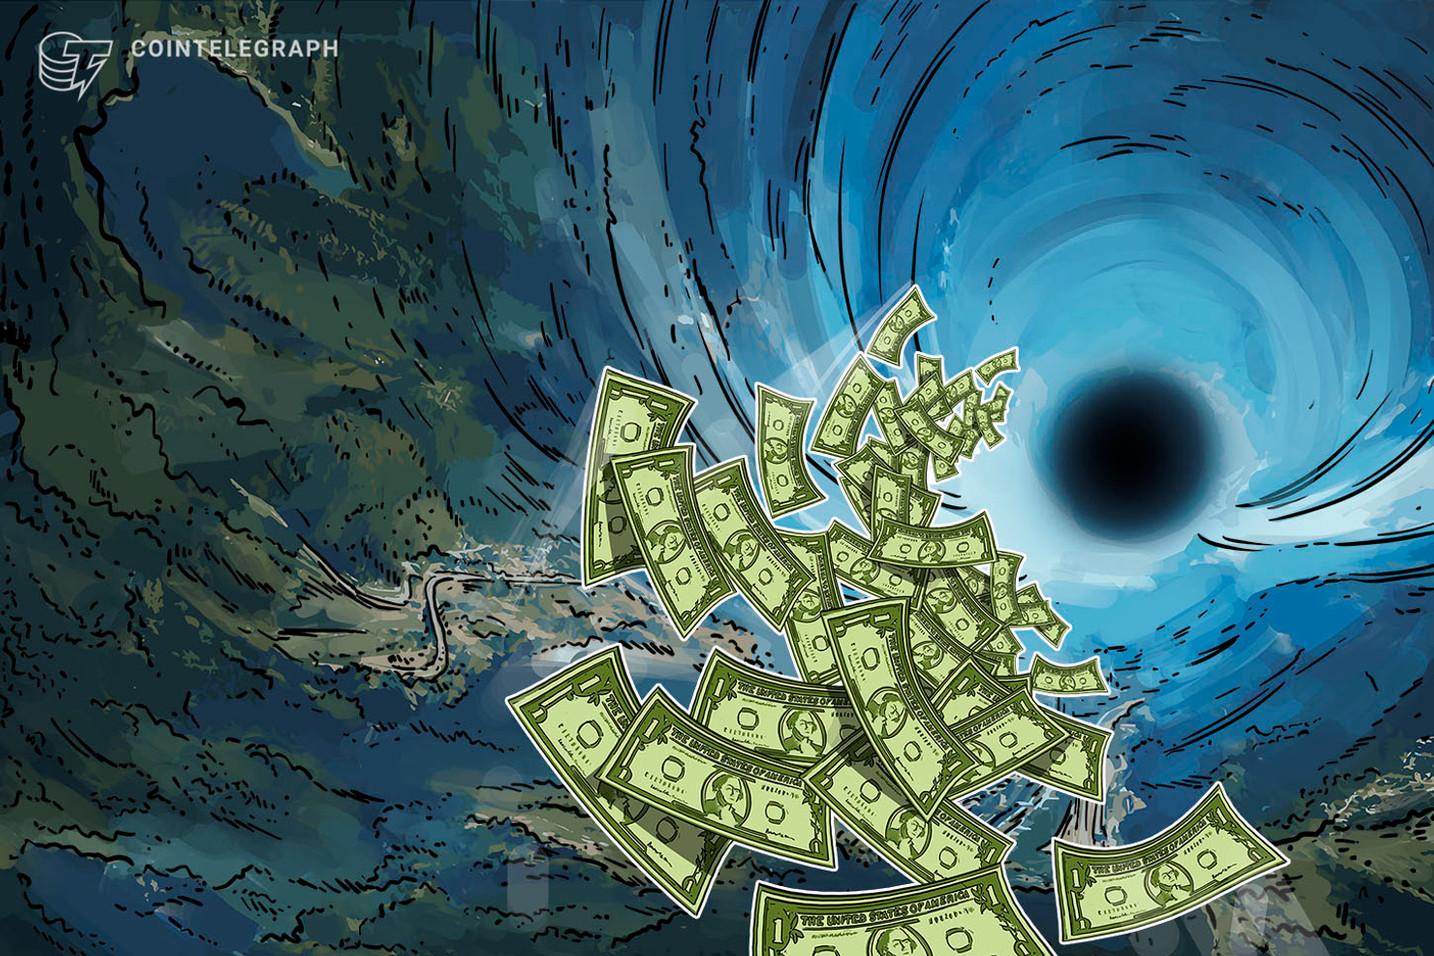 仮想通貨取引所Fコイン、最大137億円相当のビットコイン不払いも【ニュース】